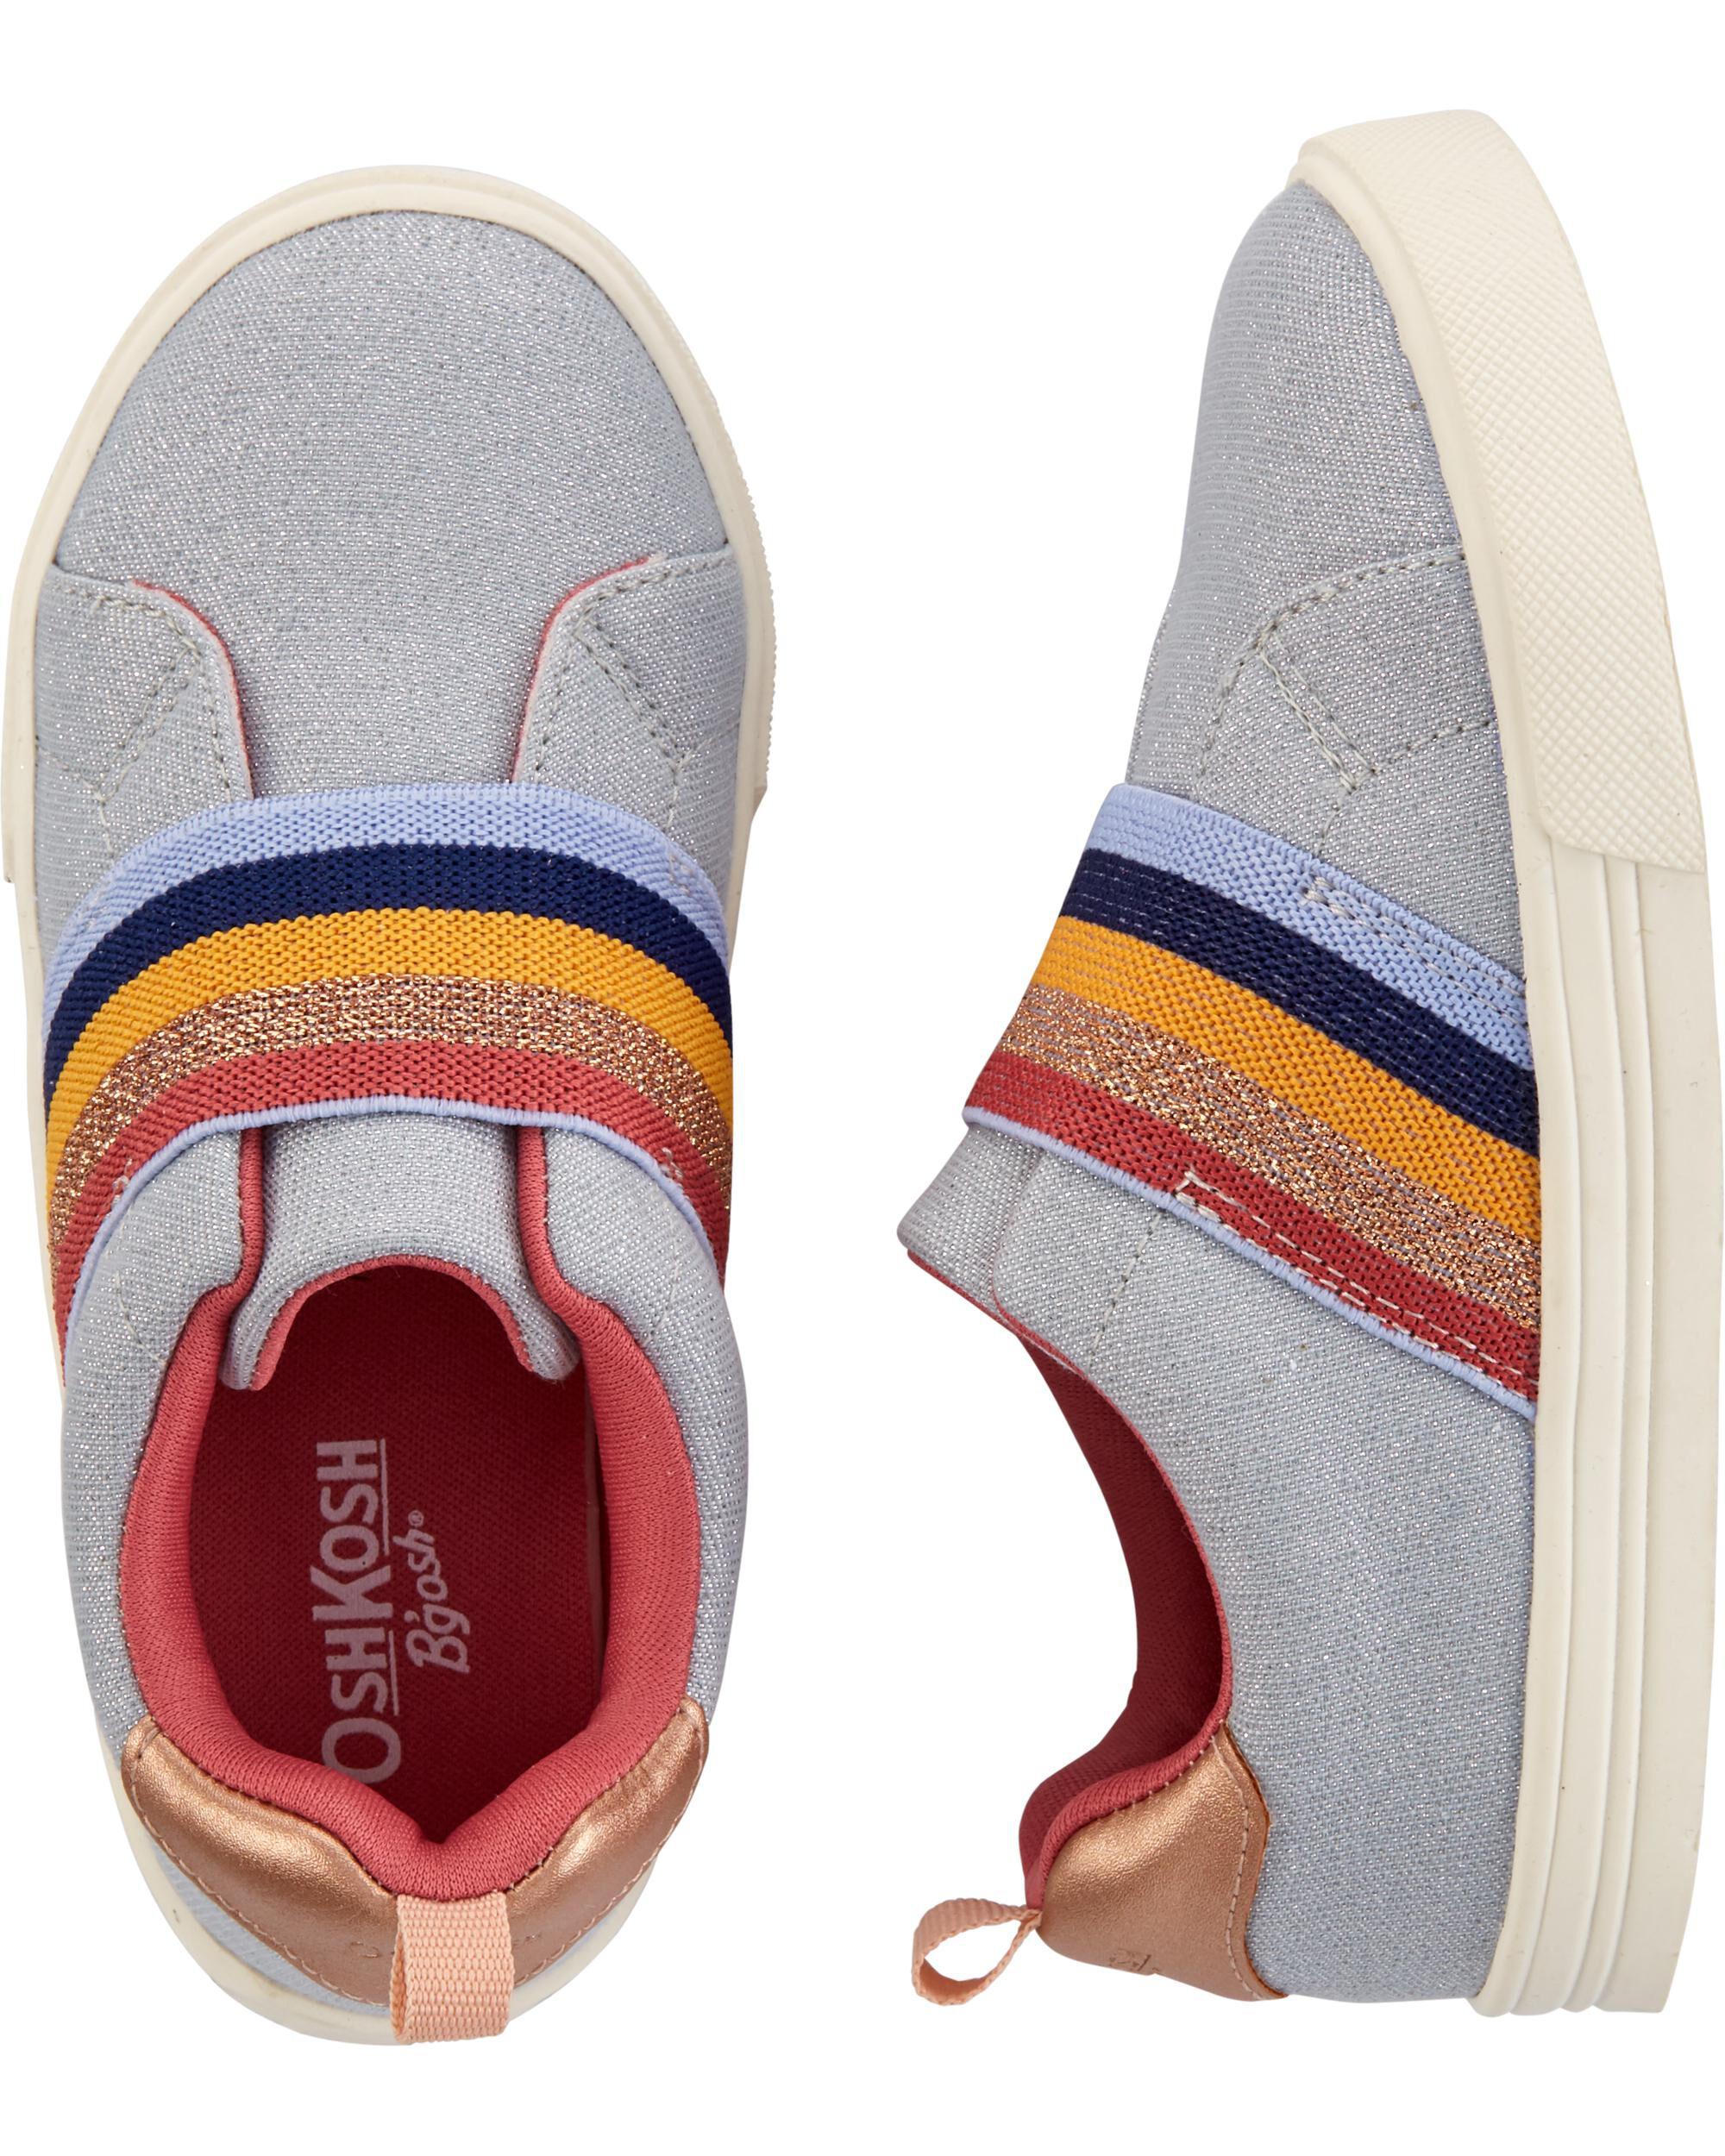 Oshkoshbgosh Rainbow Slip-Ons